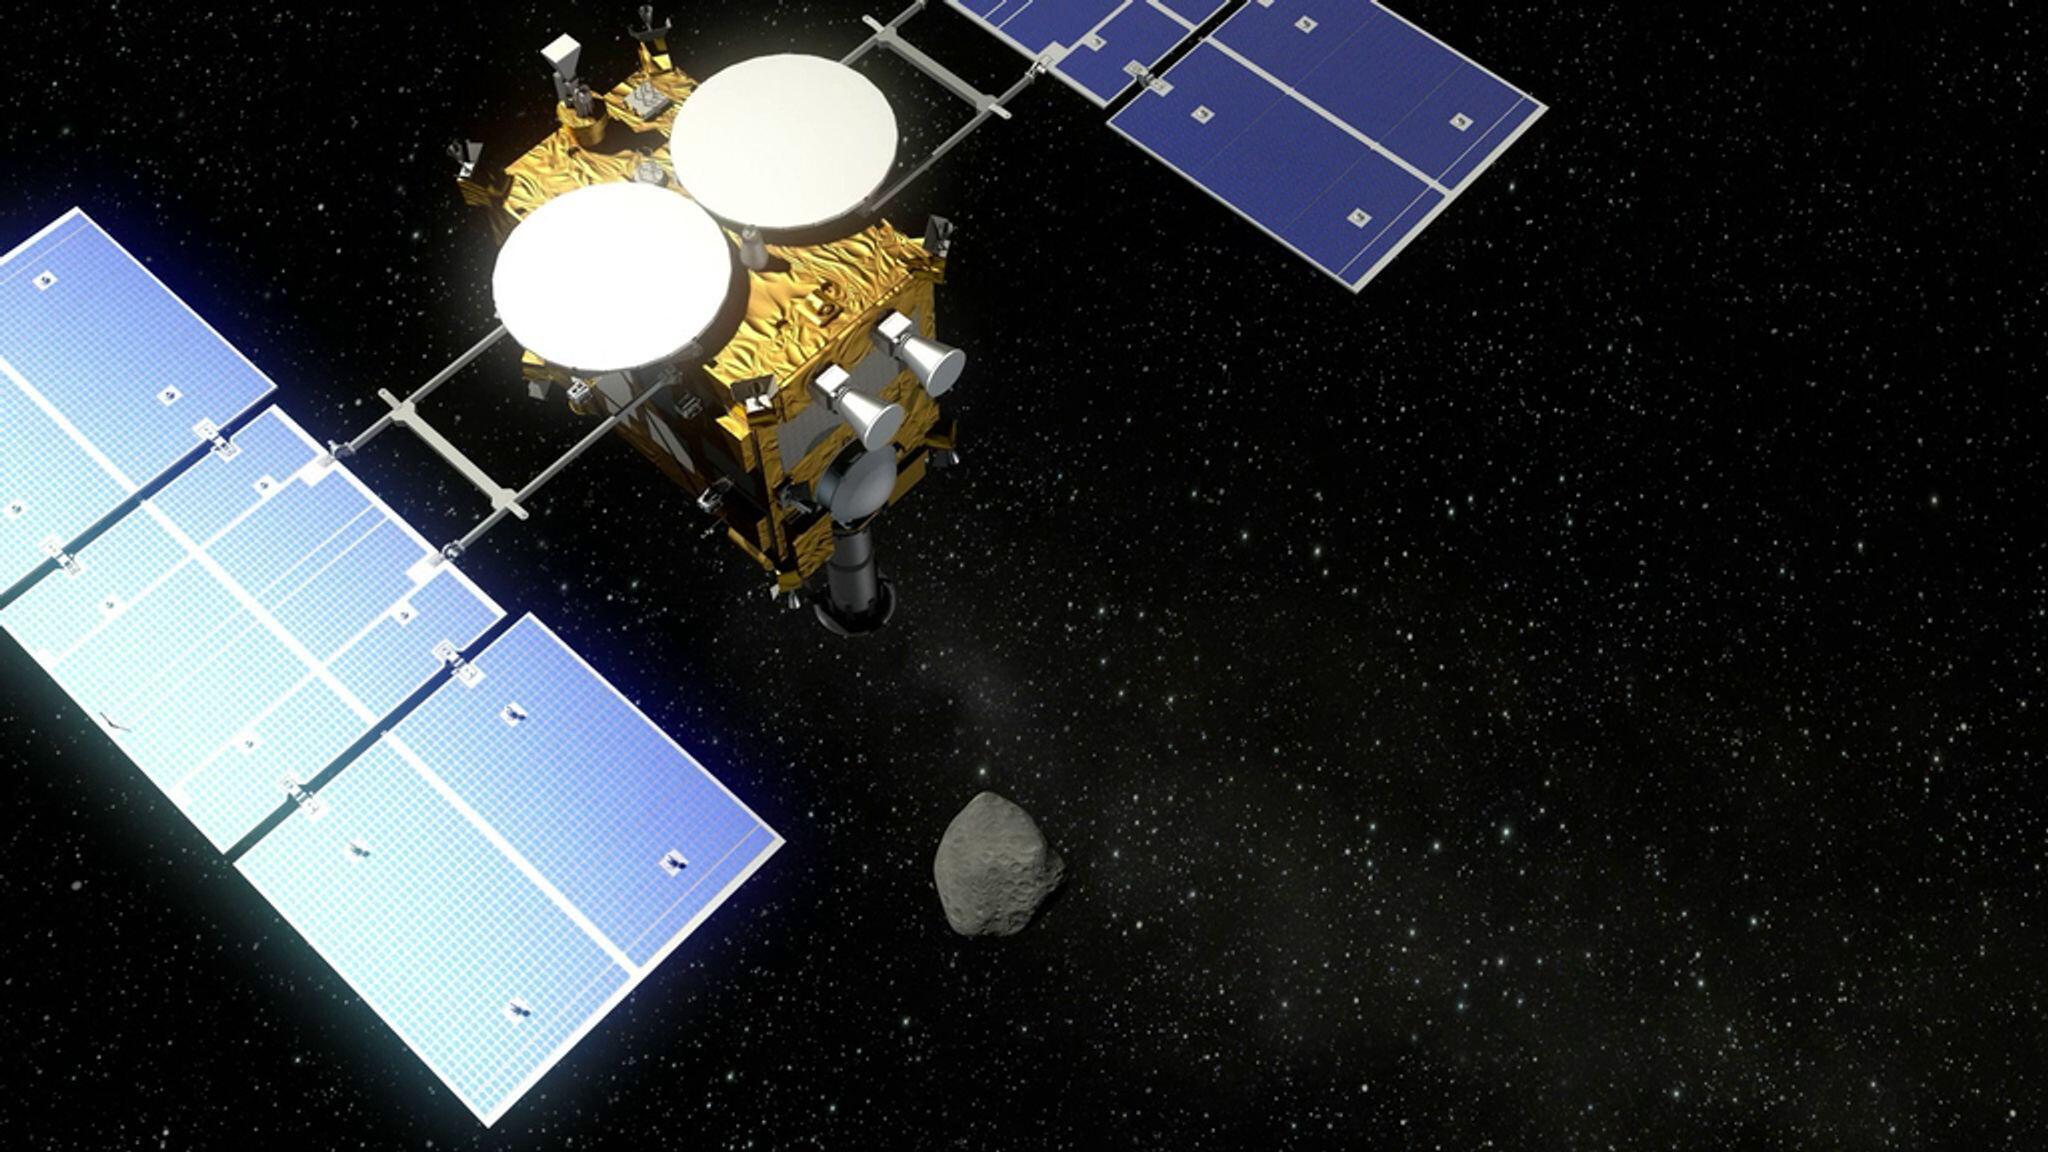 Bild zu Japanische Raumsonde Hayabusa 2